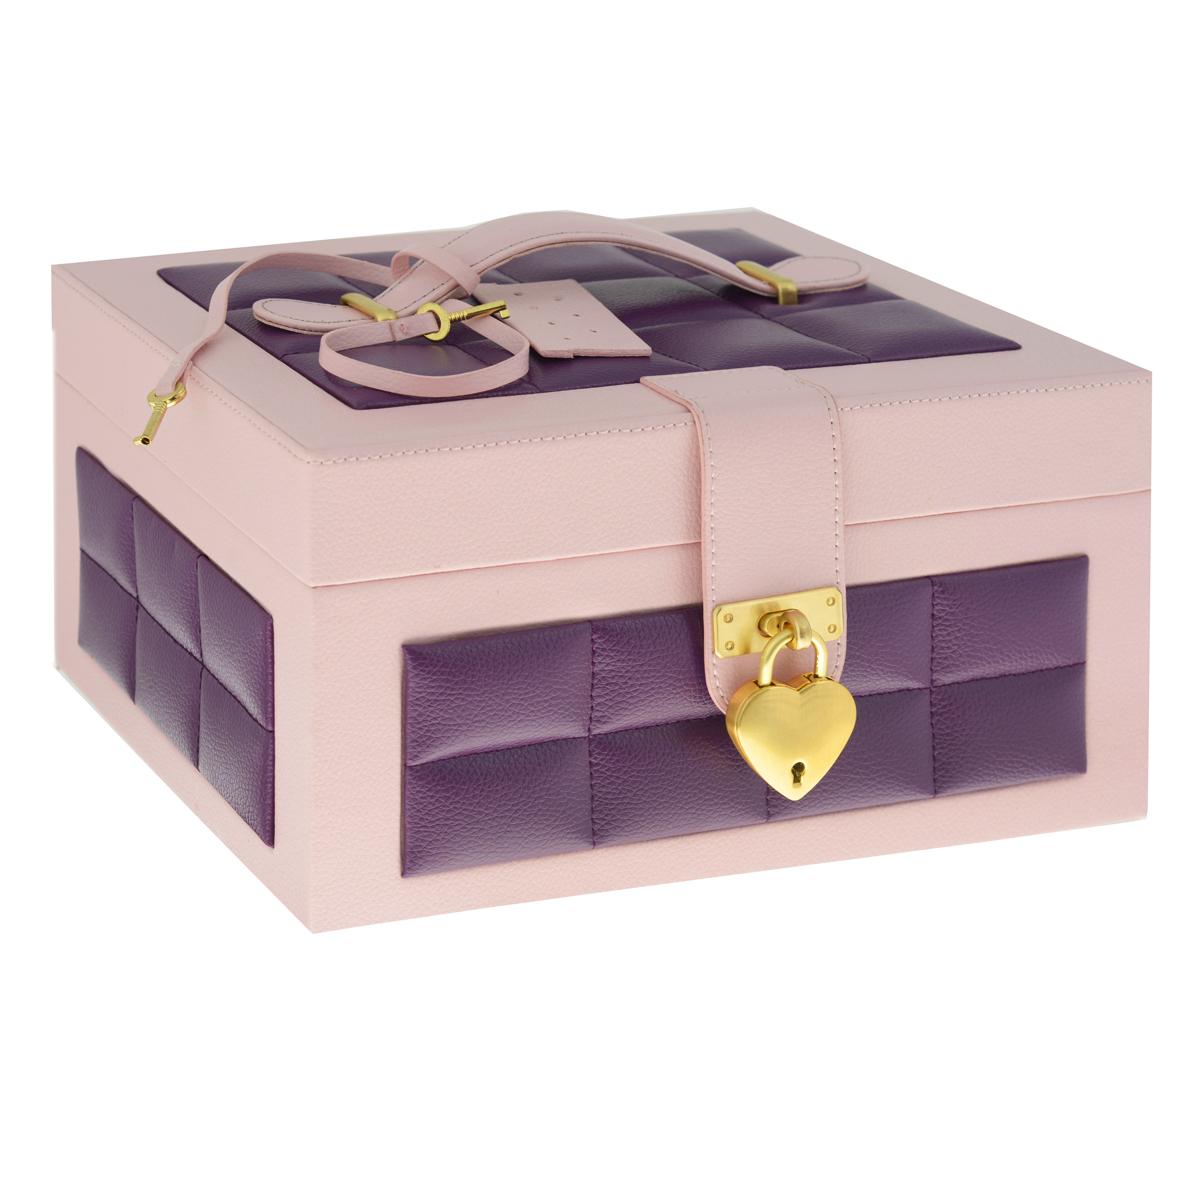 Шкатулка для украшений, цвет: розовый, фиолетовыйRG-D31SШкатулка для украшений выполнена в виде сундучка из искусственной кожи. Внутренняя поверхность шкатулки отделана бархатом. На внутренней стороне крышки имеется зеркальце и карман на резинке. Шкатулка закрывается на ремешок и замочек, выполненный в форме сердца, в комплекте - два ключа. Крышка оснащена ручкой для удобной переноски изделия.Шкатулка имеет два отделения: съемное верхнее и нижнее. Верхнее отделение содержит шесть небольших секций для цепочек и браслетов, а также две больших секции (одна из которых оснащена крышкой) для более крупных украшений. Валики используются под кольца и серьги. Большое нижнее отделение не содержит никаких перегородок и предназначено для хранения аксессуаров больших размеров. Великолепная шкатулка не оставит равнодушной ни одну любительницу изысканных вещей. Сочетание оригинального дизайна и функциональности сделает такую шкатулку практичным и стильным подарком и предметом гордости ее обладательницы.